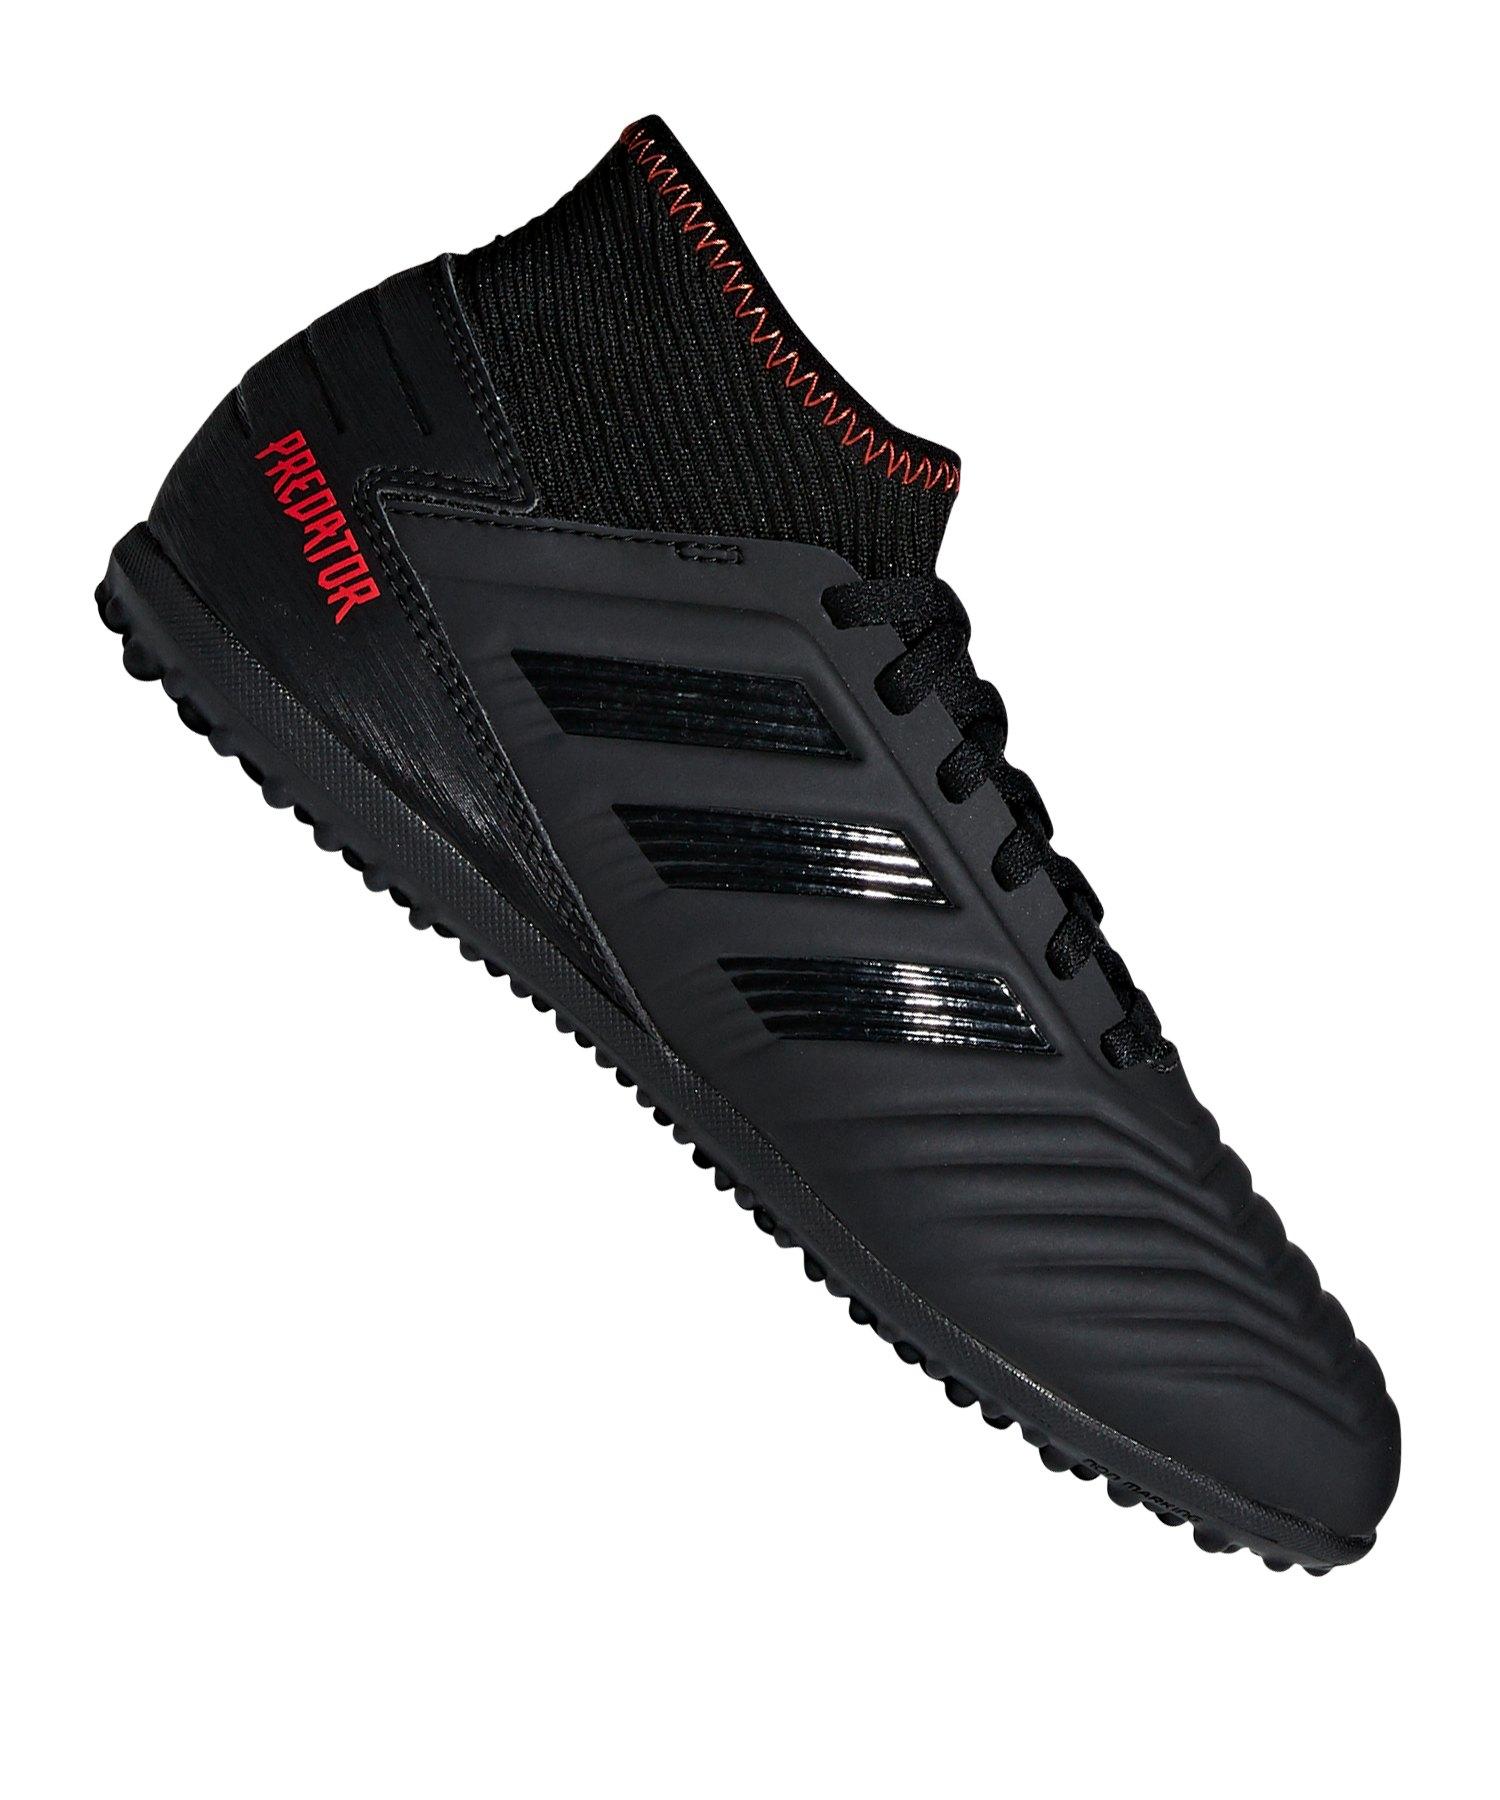 adidas Predator 19.3 TF J Kids Schwarz - schwarz